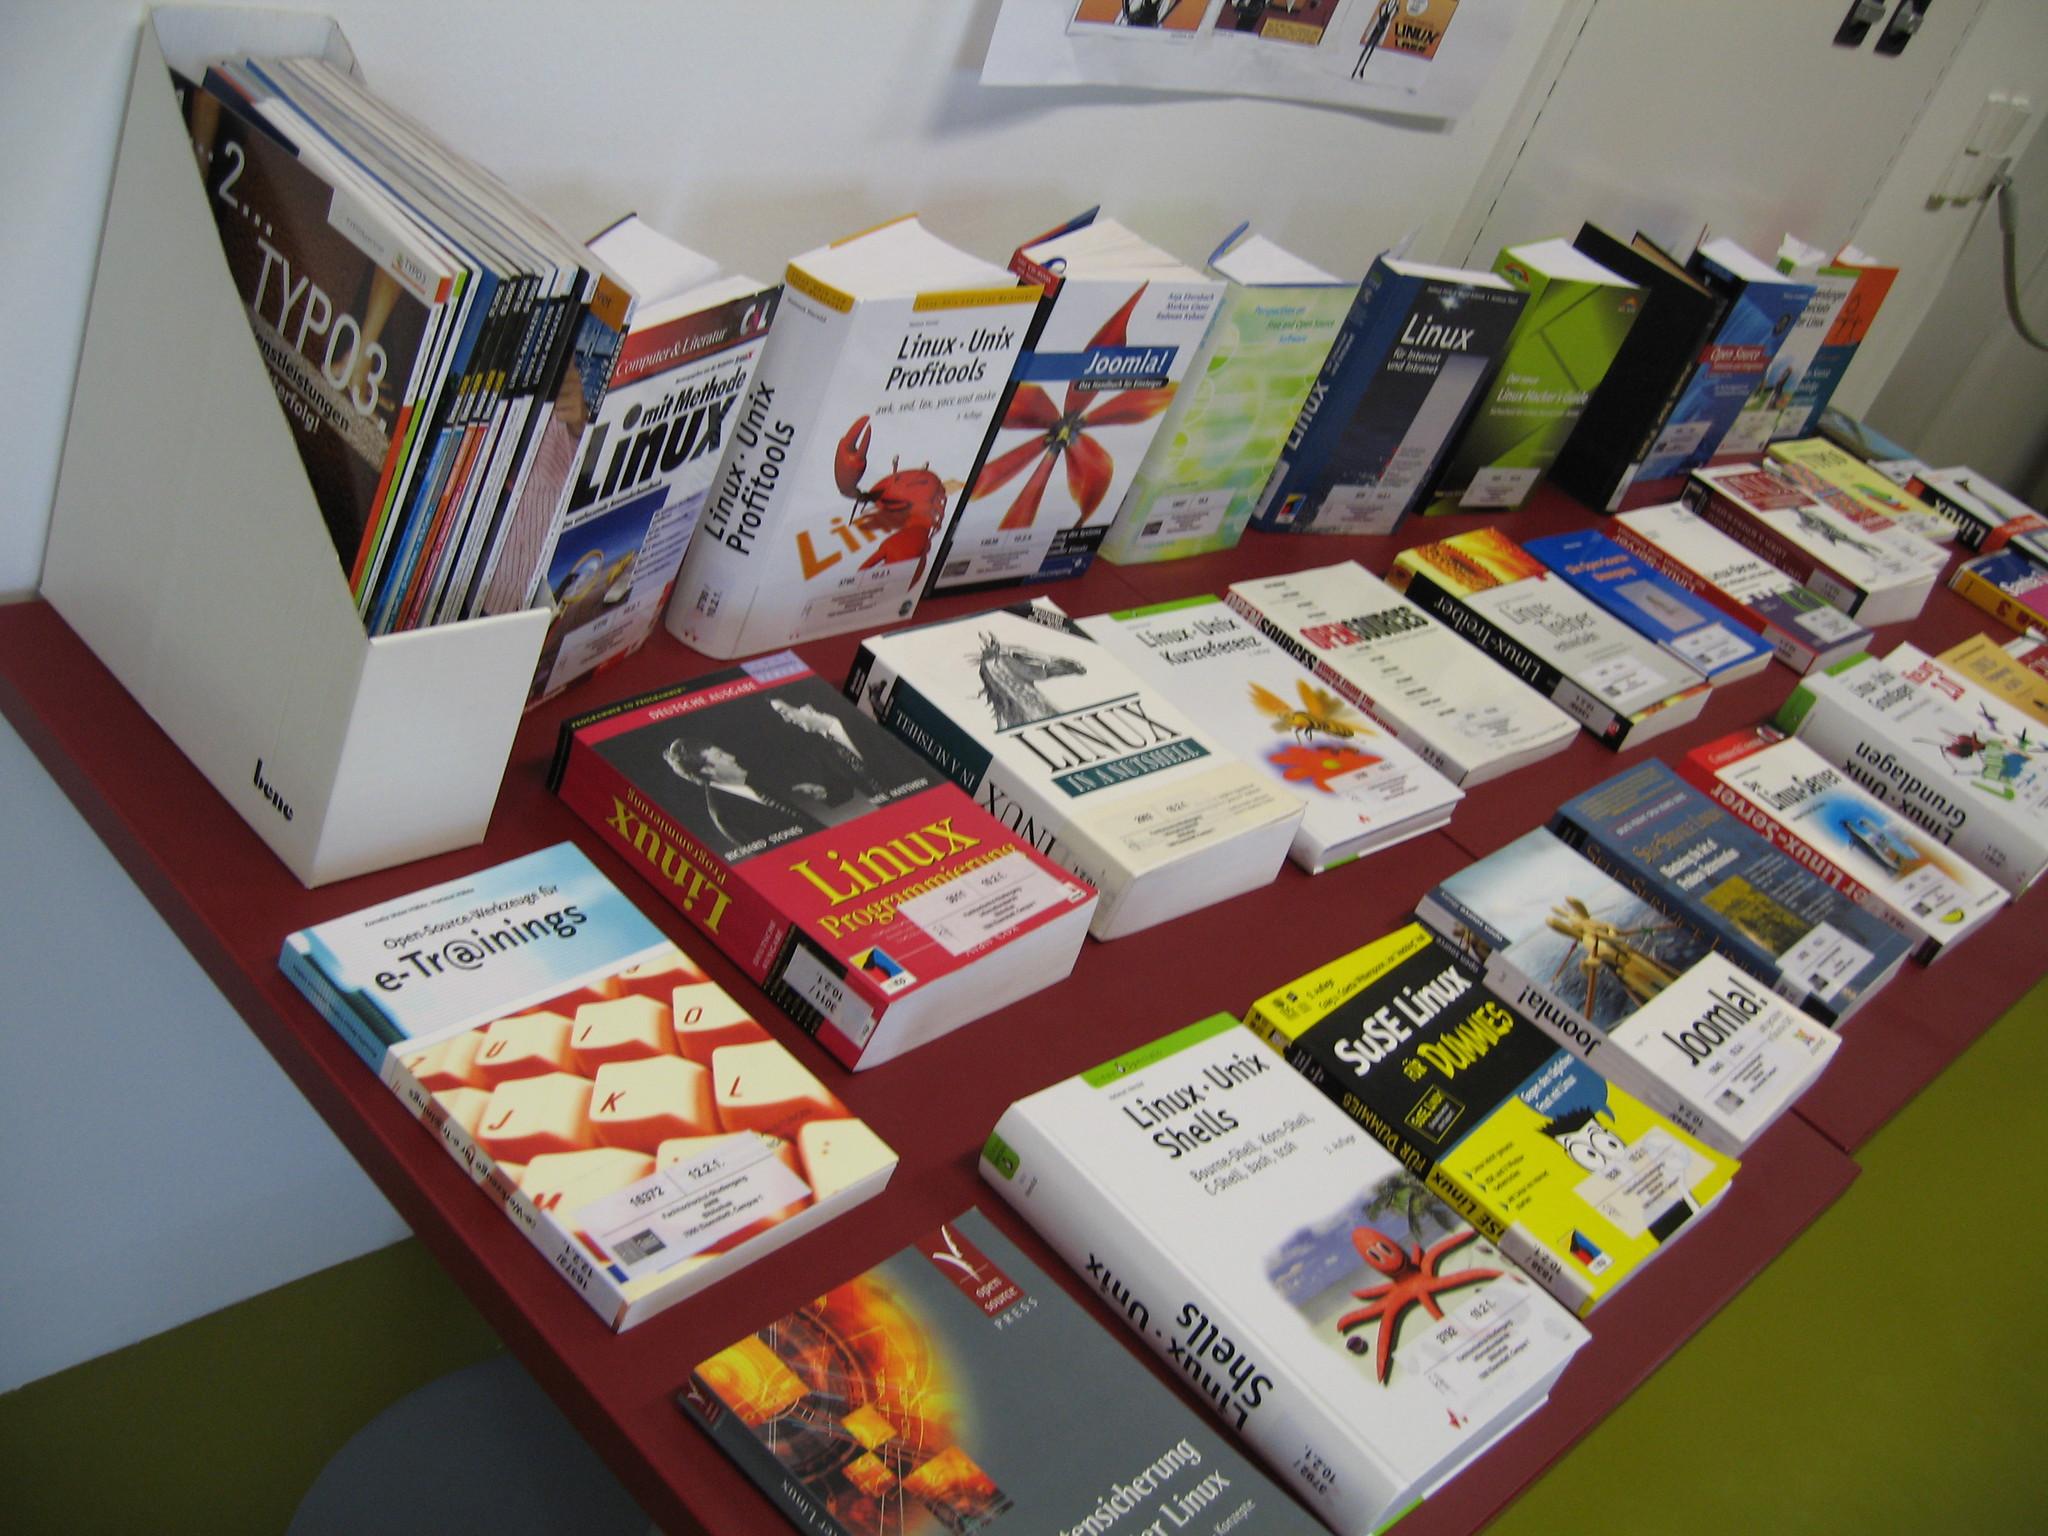 Los mejores libros para aprender más sobre Linux